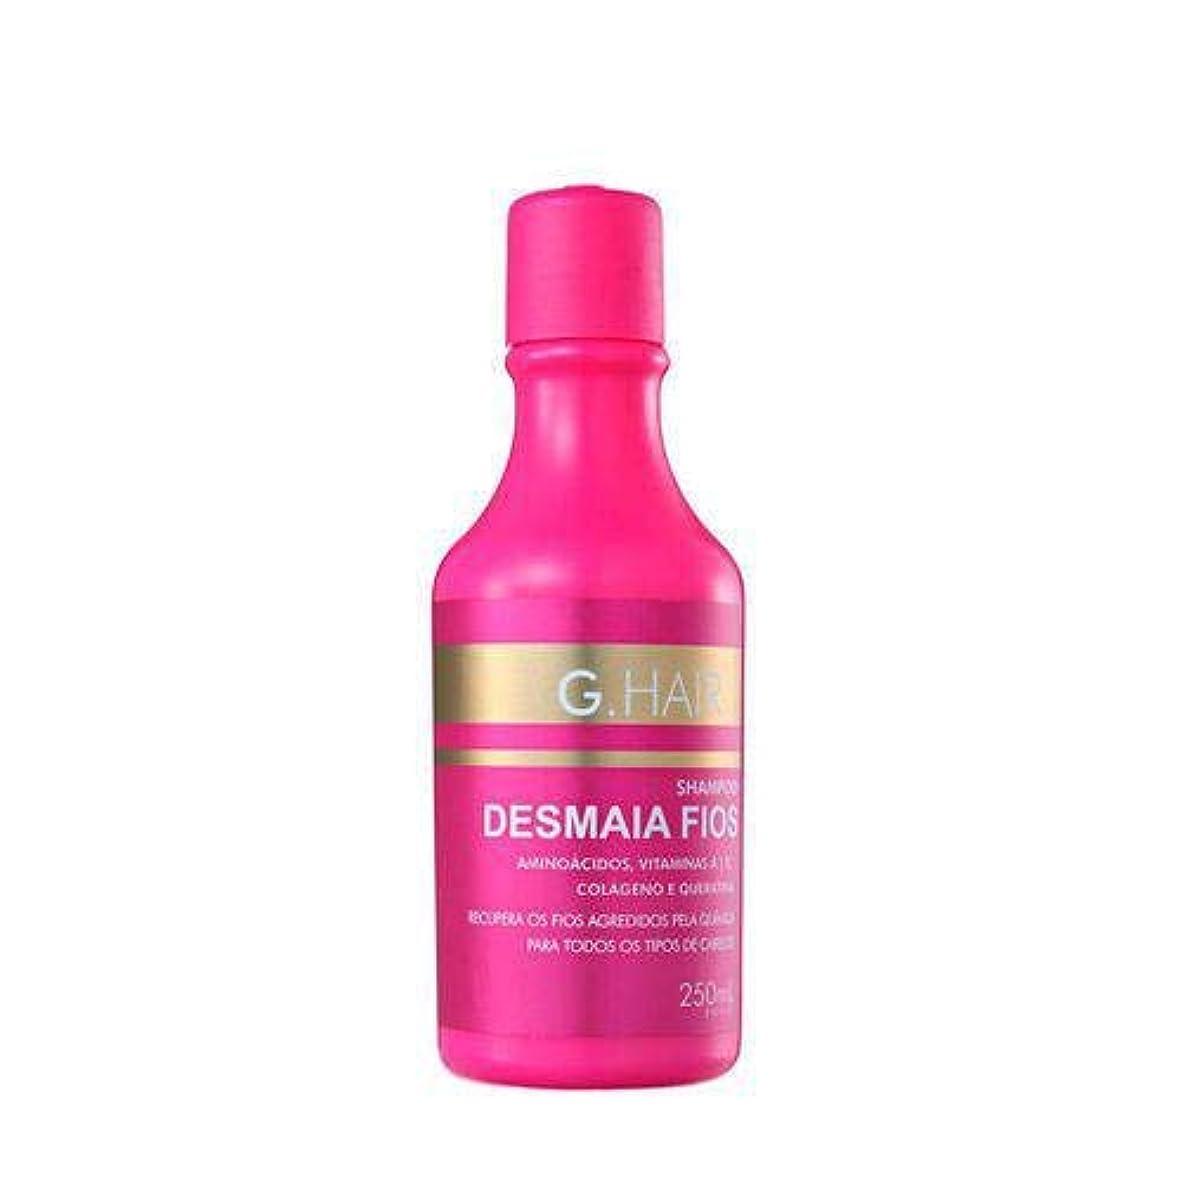 合理化神マットBrazilian Desmaia Fios - 塩なしシャンプー250ml